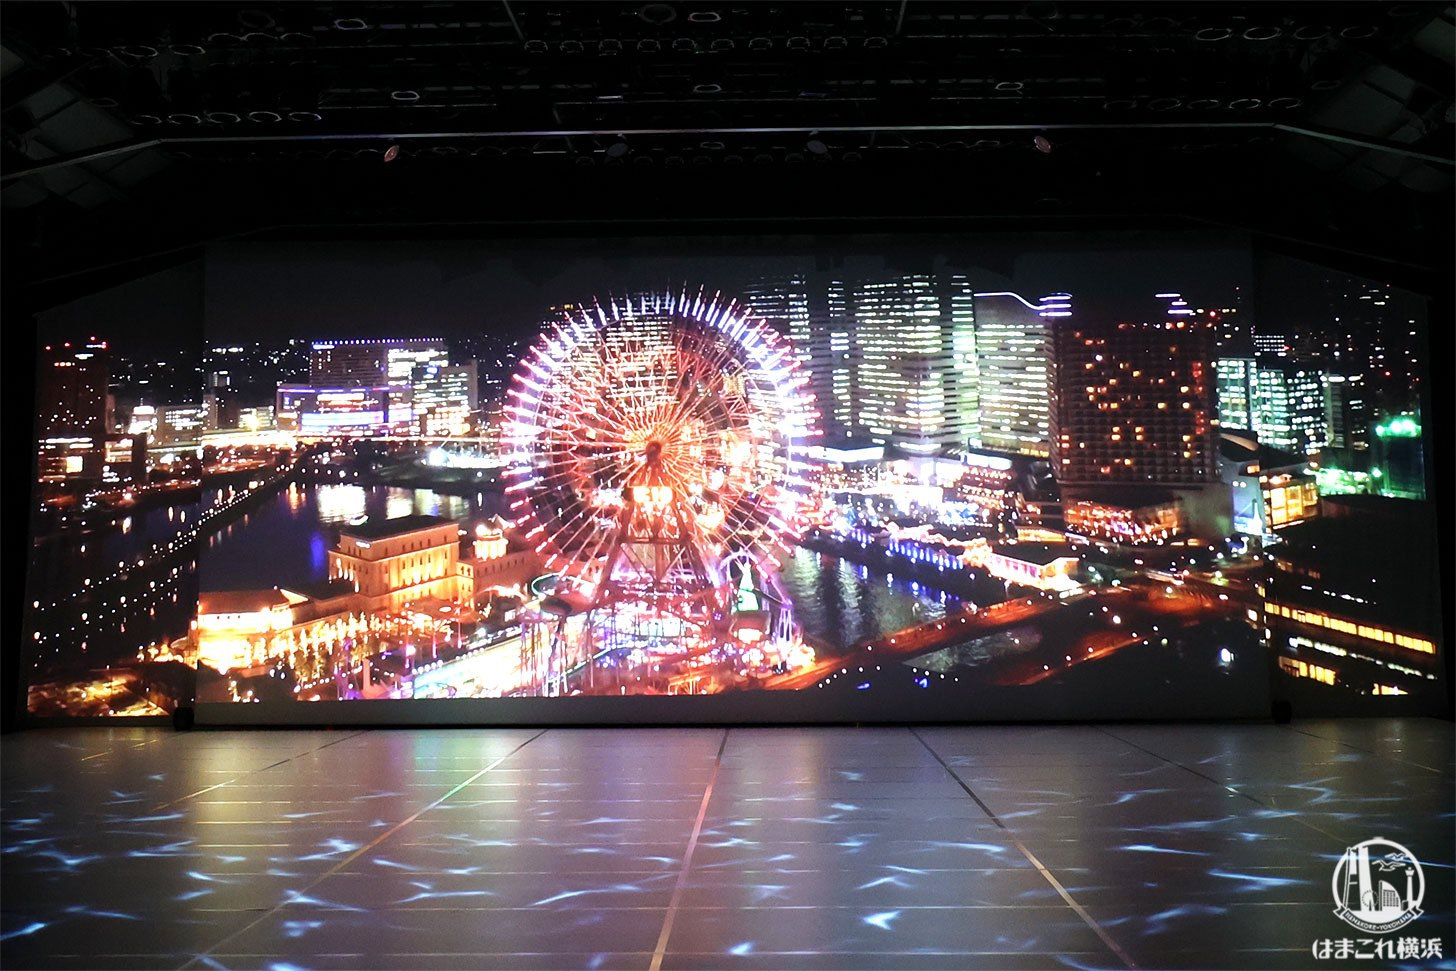 赤レンガ・アートプラネタリウム「星と歩く」横浜の夜景との融合